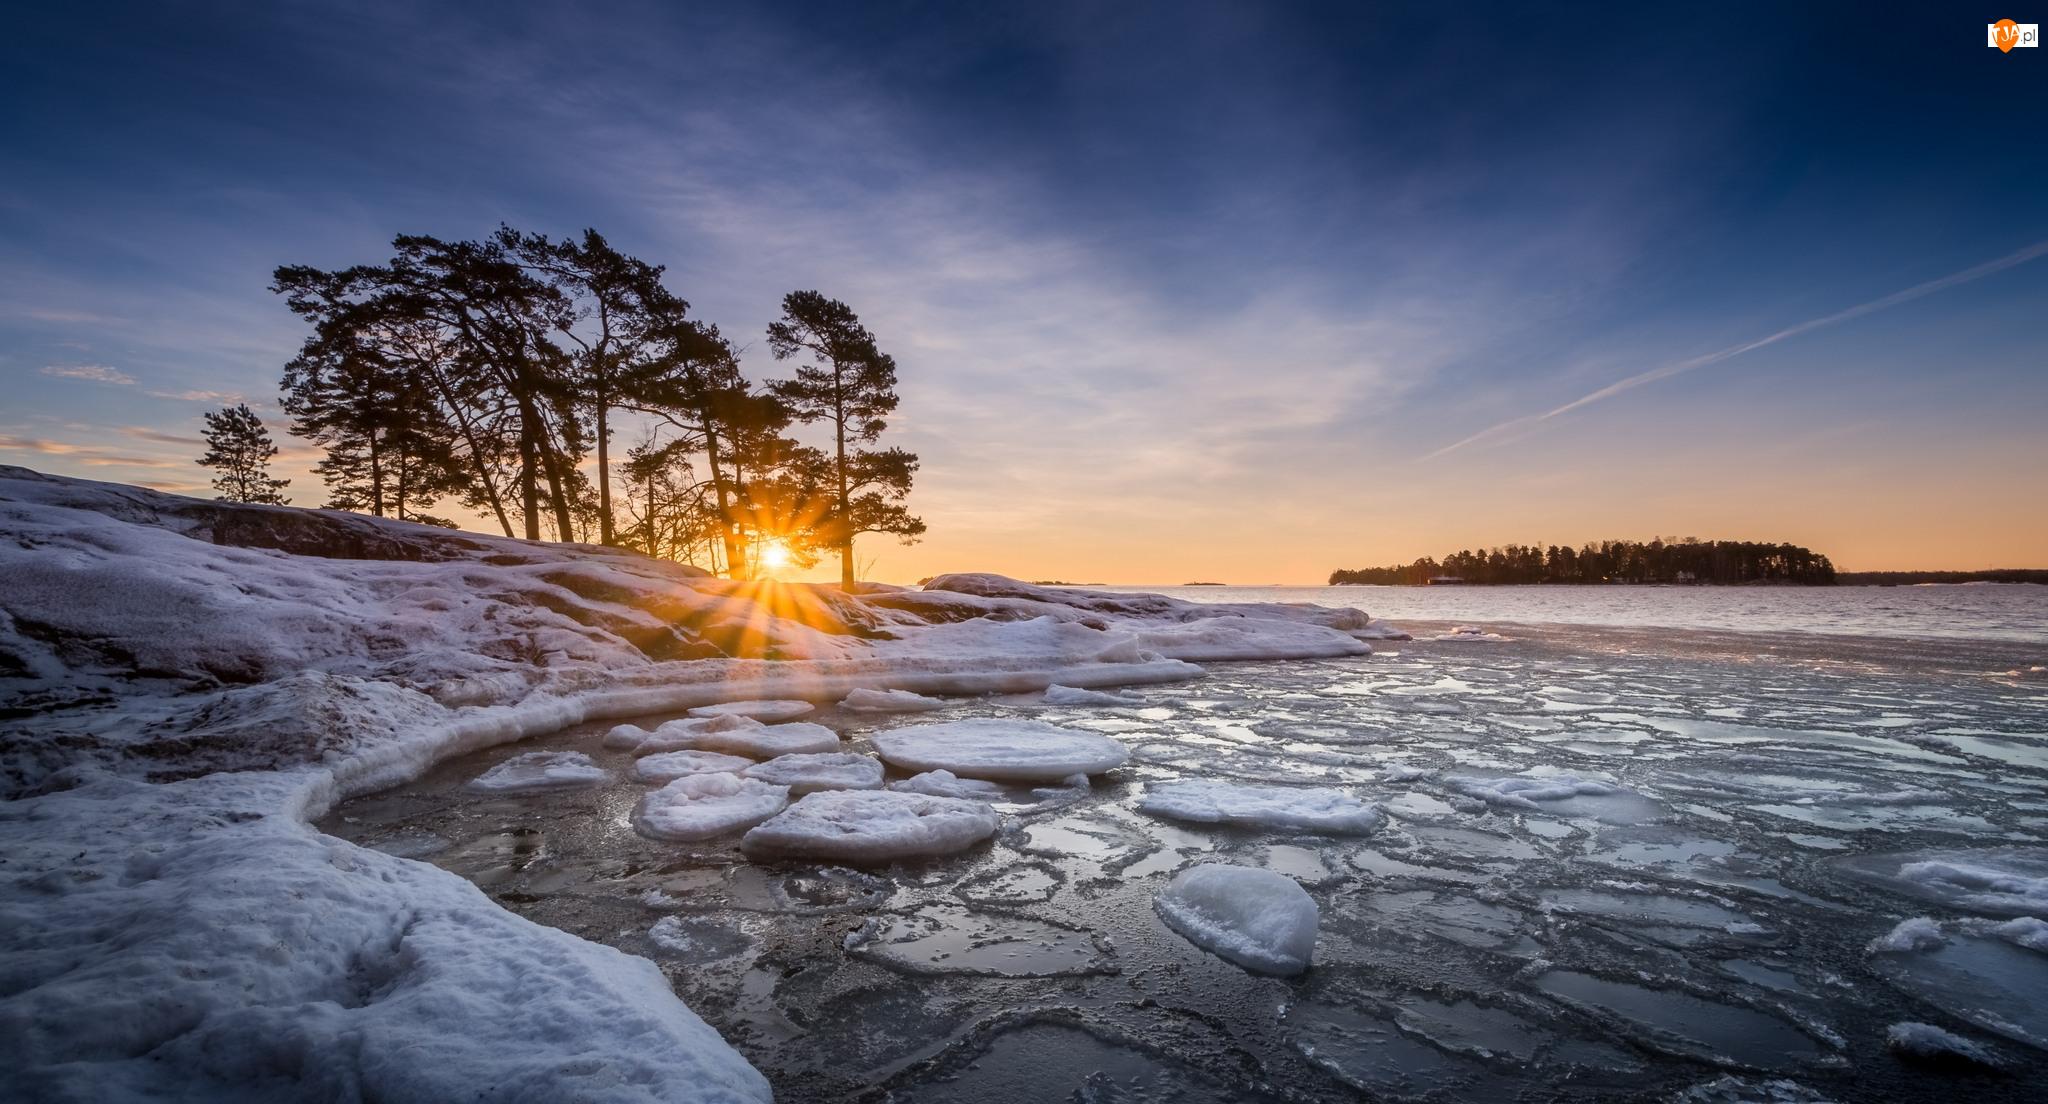 Morze, Zatoka, Półwysep Kallviksudden, Drzewa, Helsinki, Zachód słońca, Finlandia, Promienie słońca, Plaża Kallahdenniemi, Zima